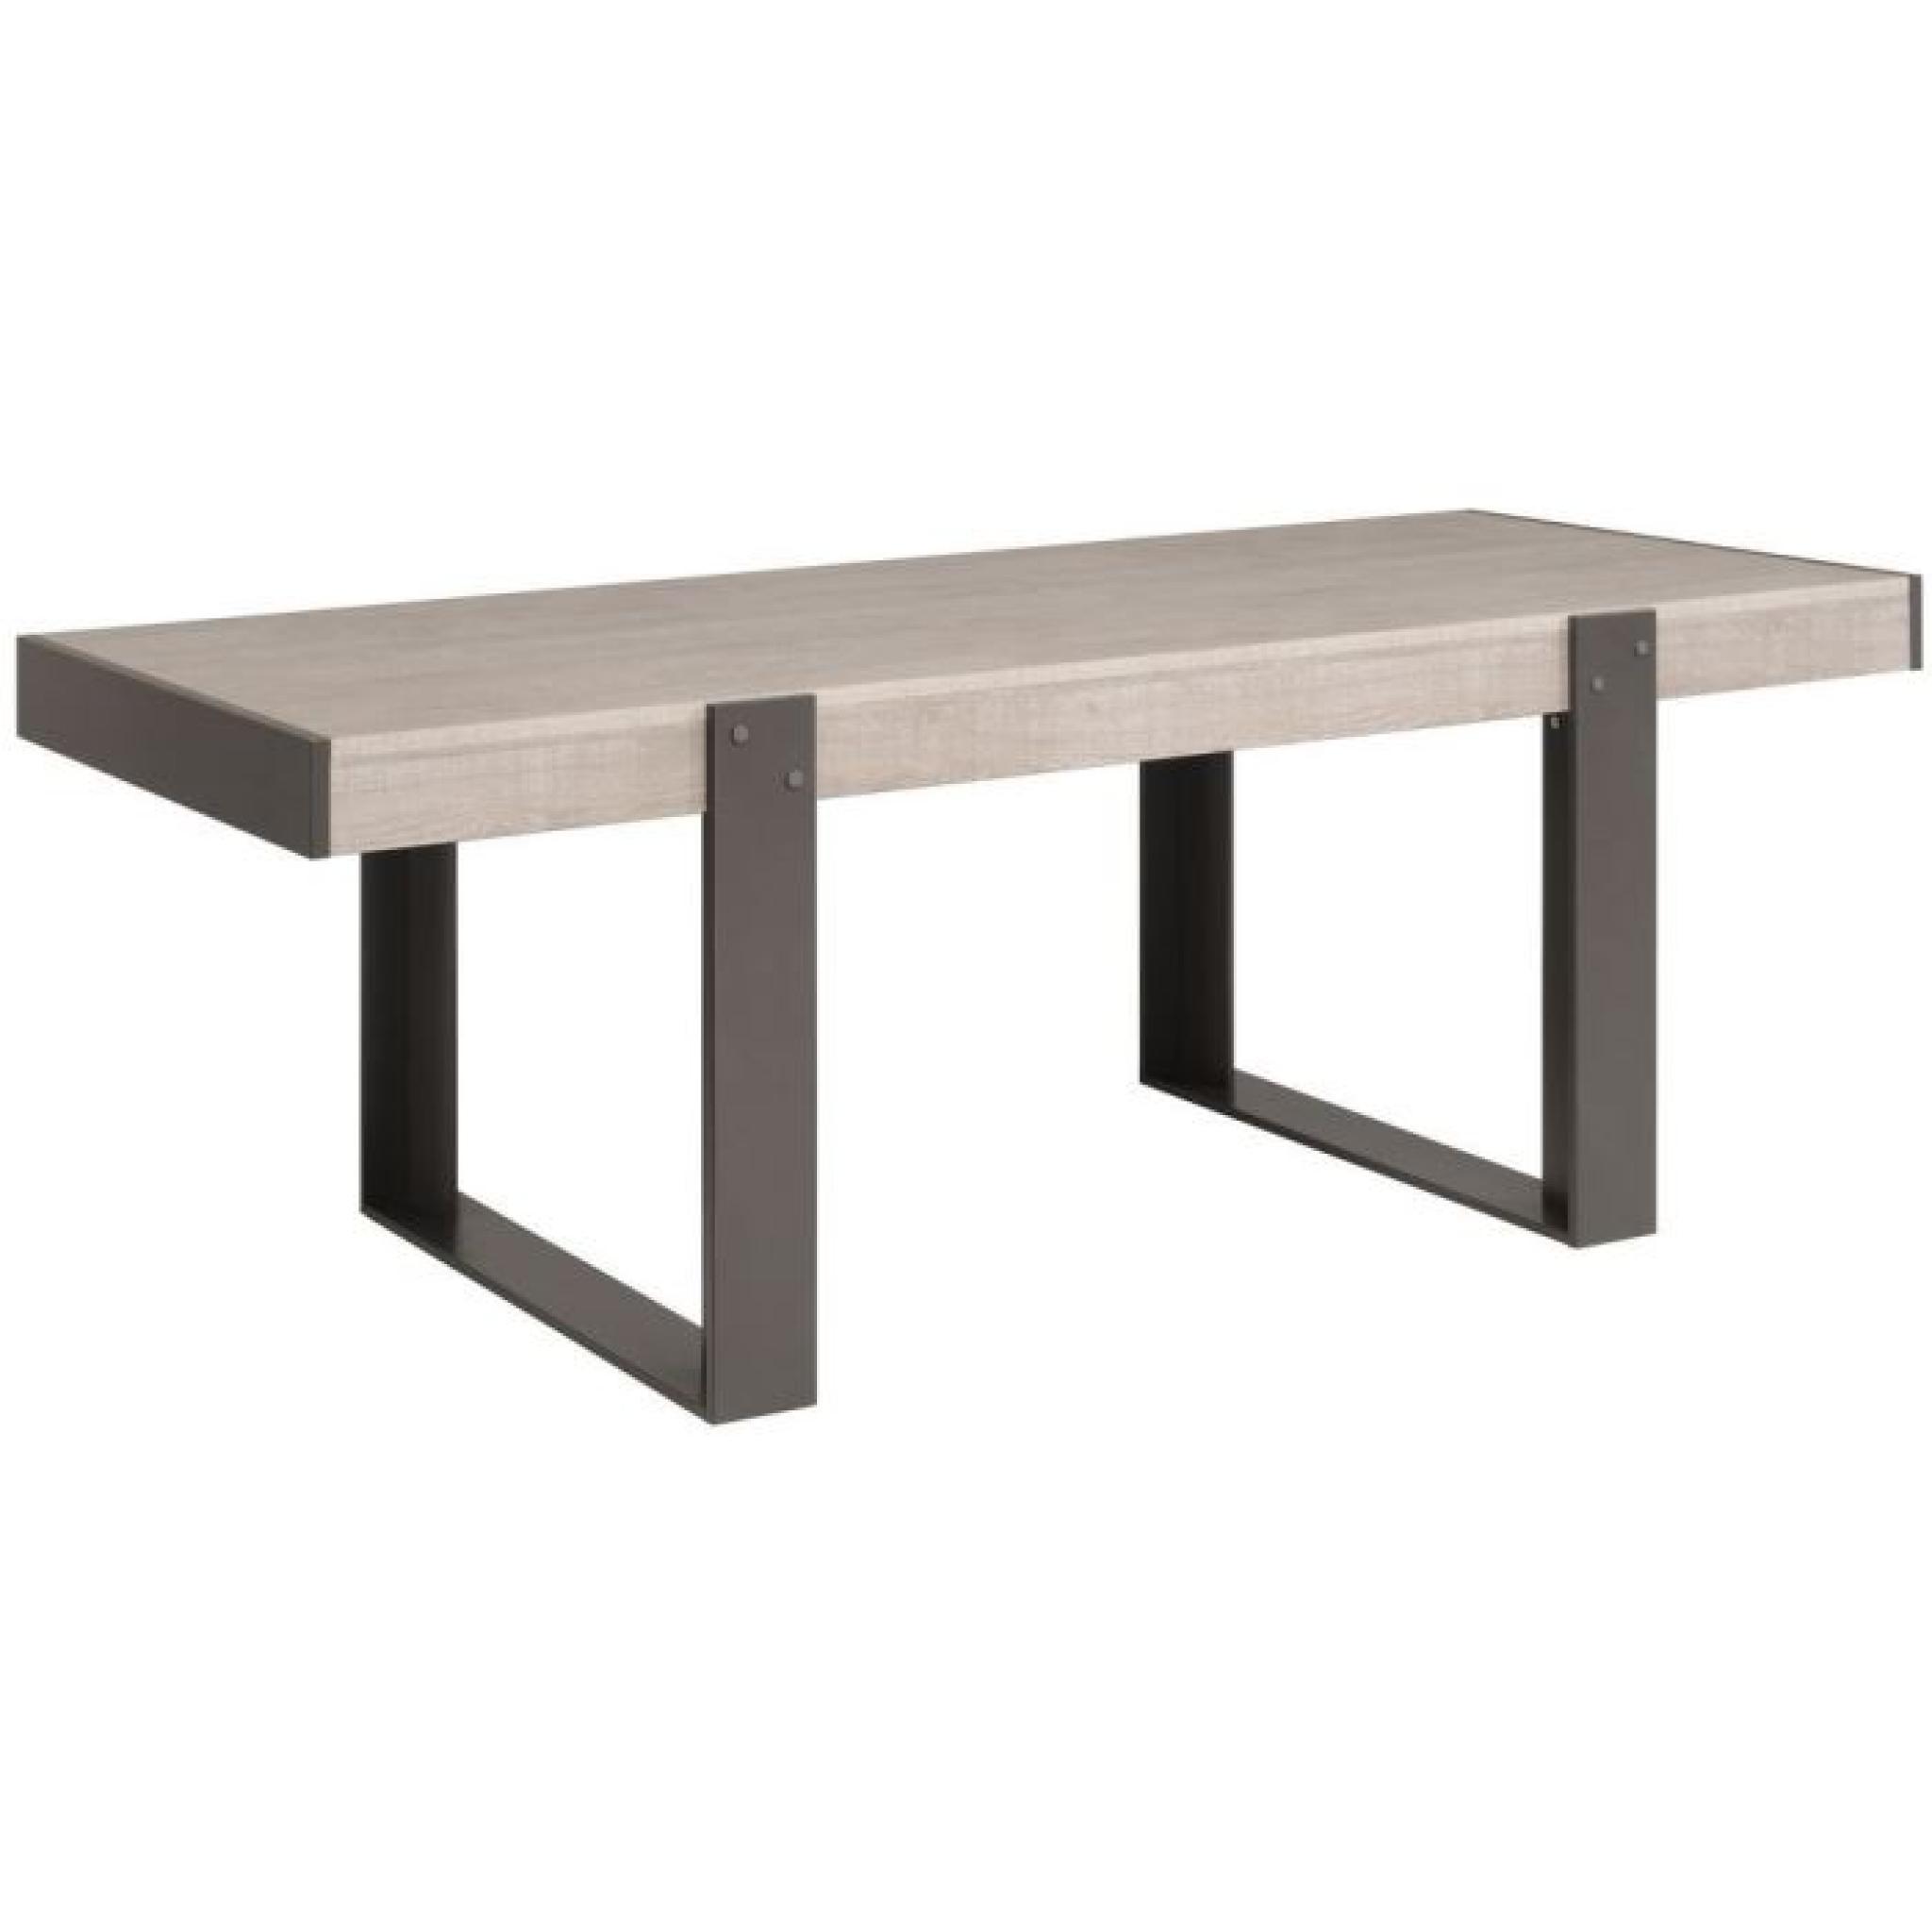 LOFT Table à manger L224 cm décor gris - Achat/Vente table salle a ...